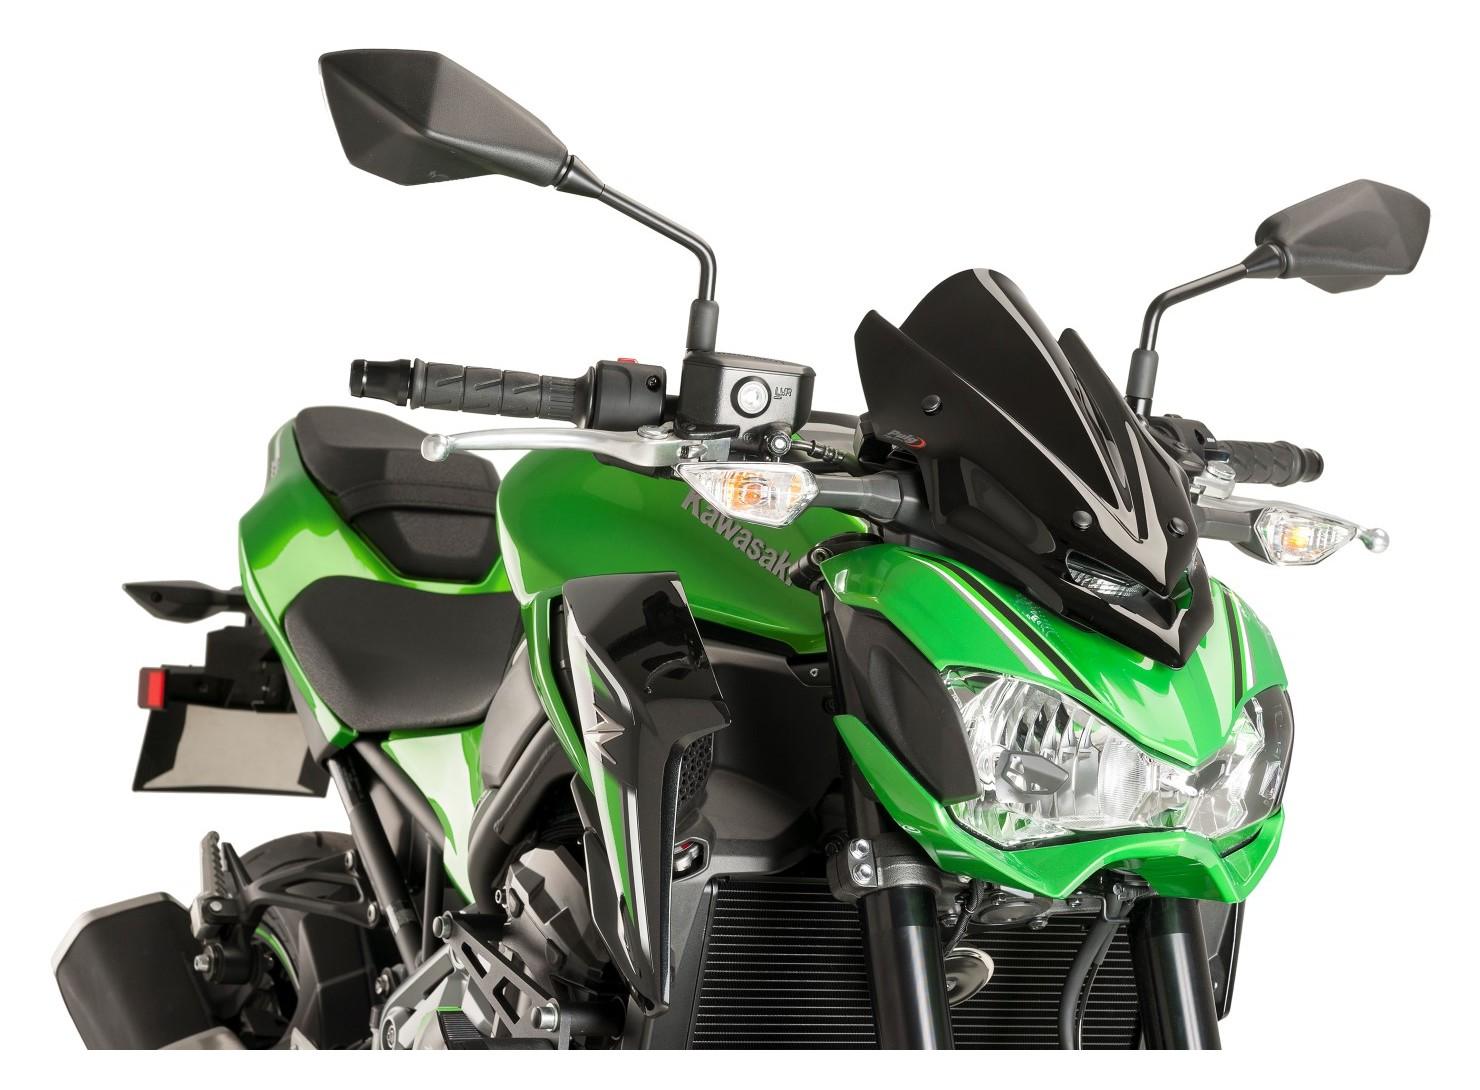 Puig Naked New Generation Windscreen Kawasaki Z900 2017 2018